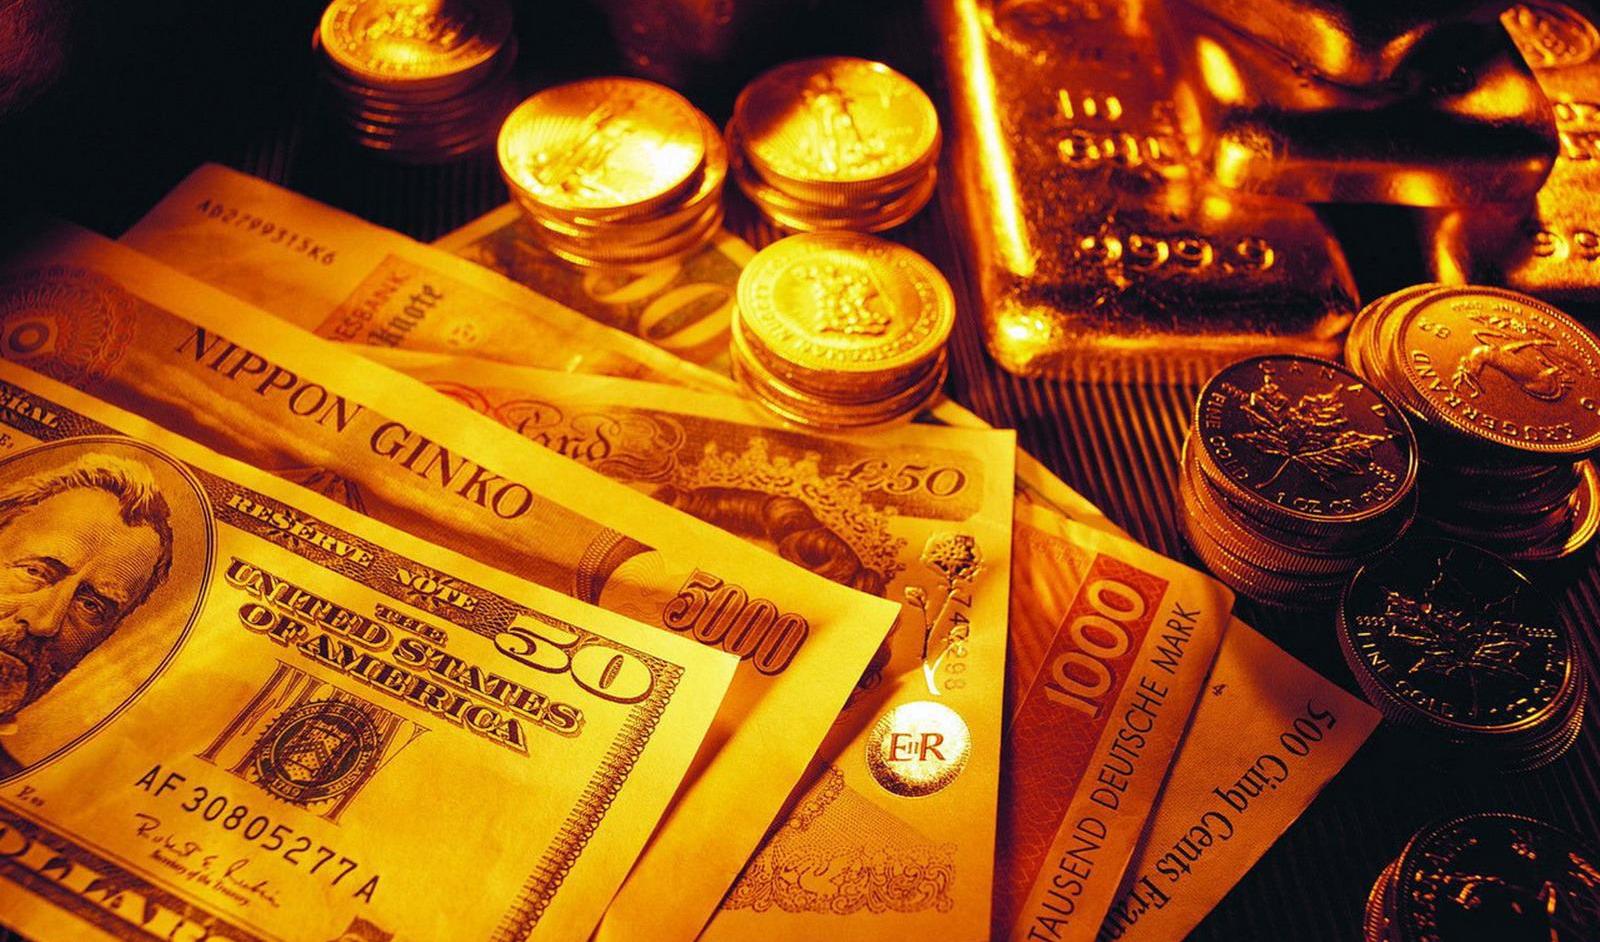 ذخایر ارز و طلای روسیه به بالاترین سطح تاریخ رسید